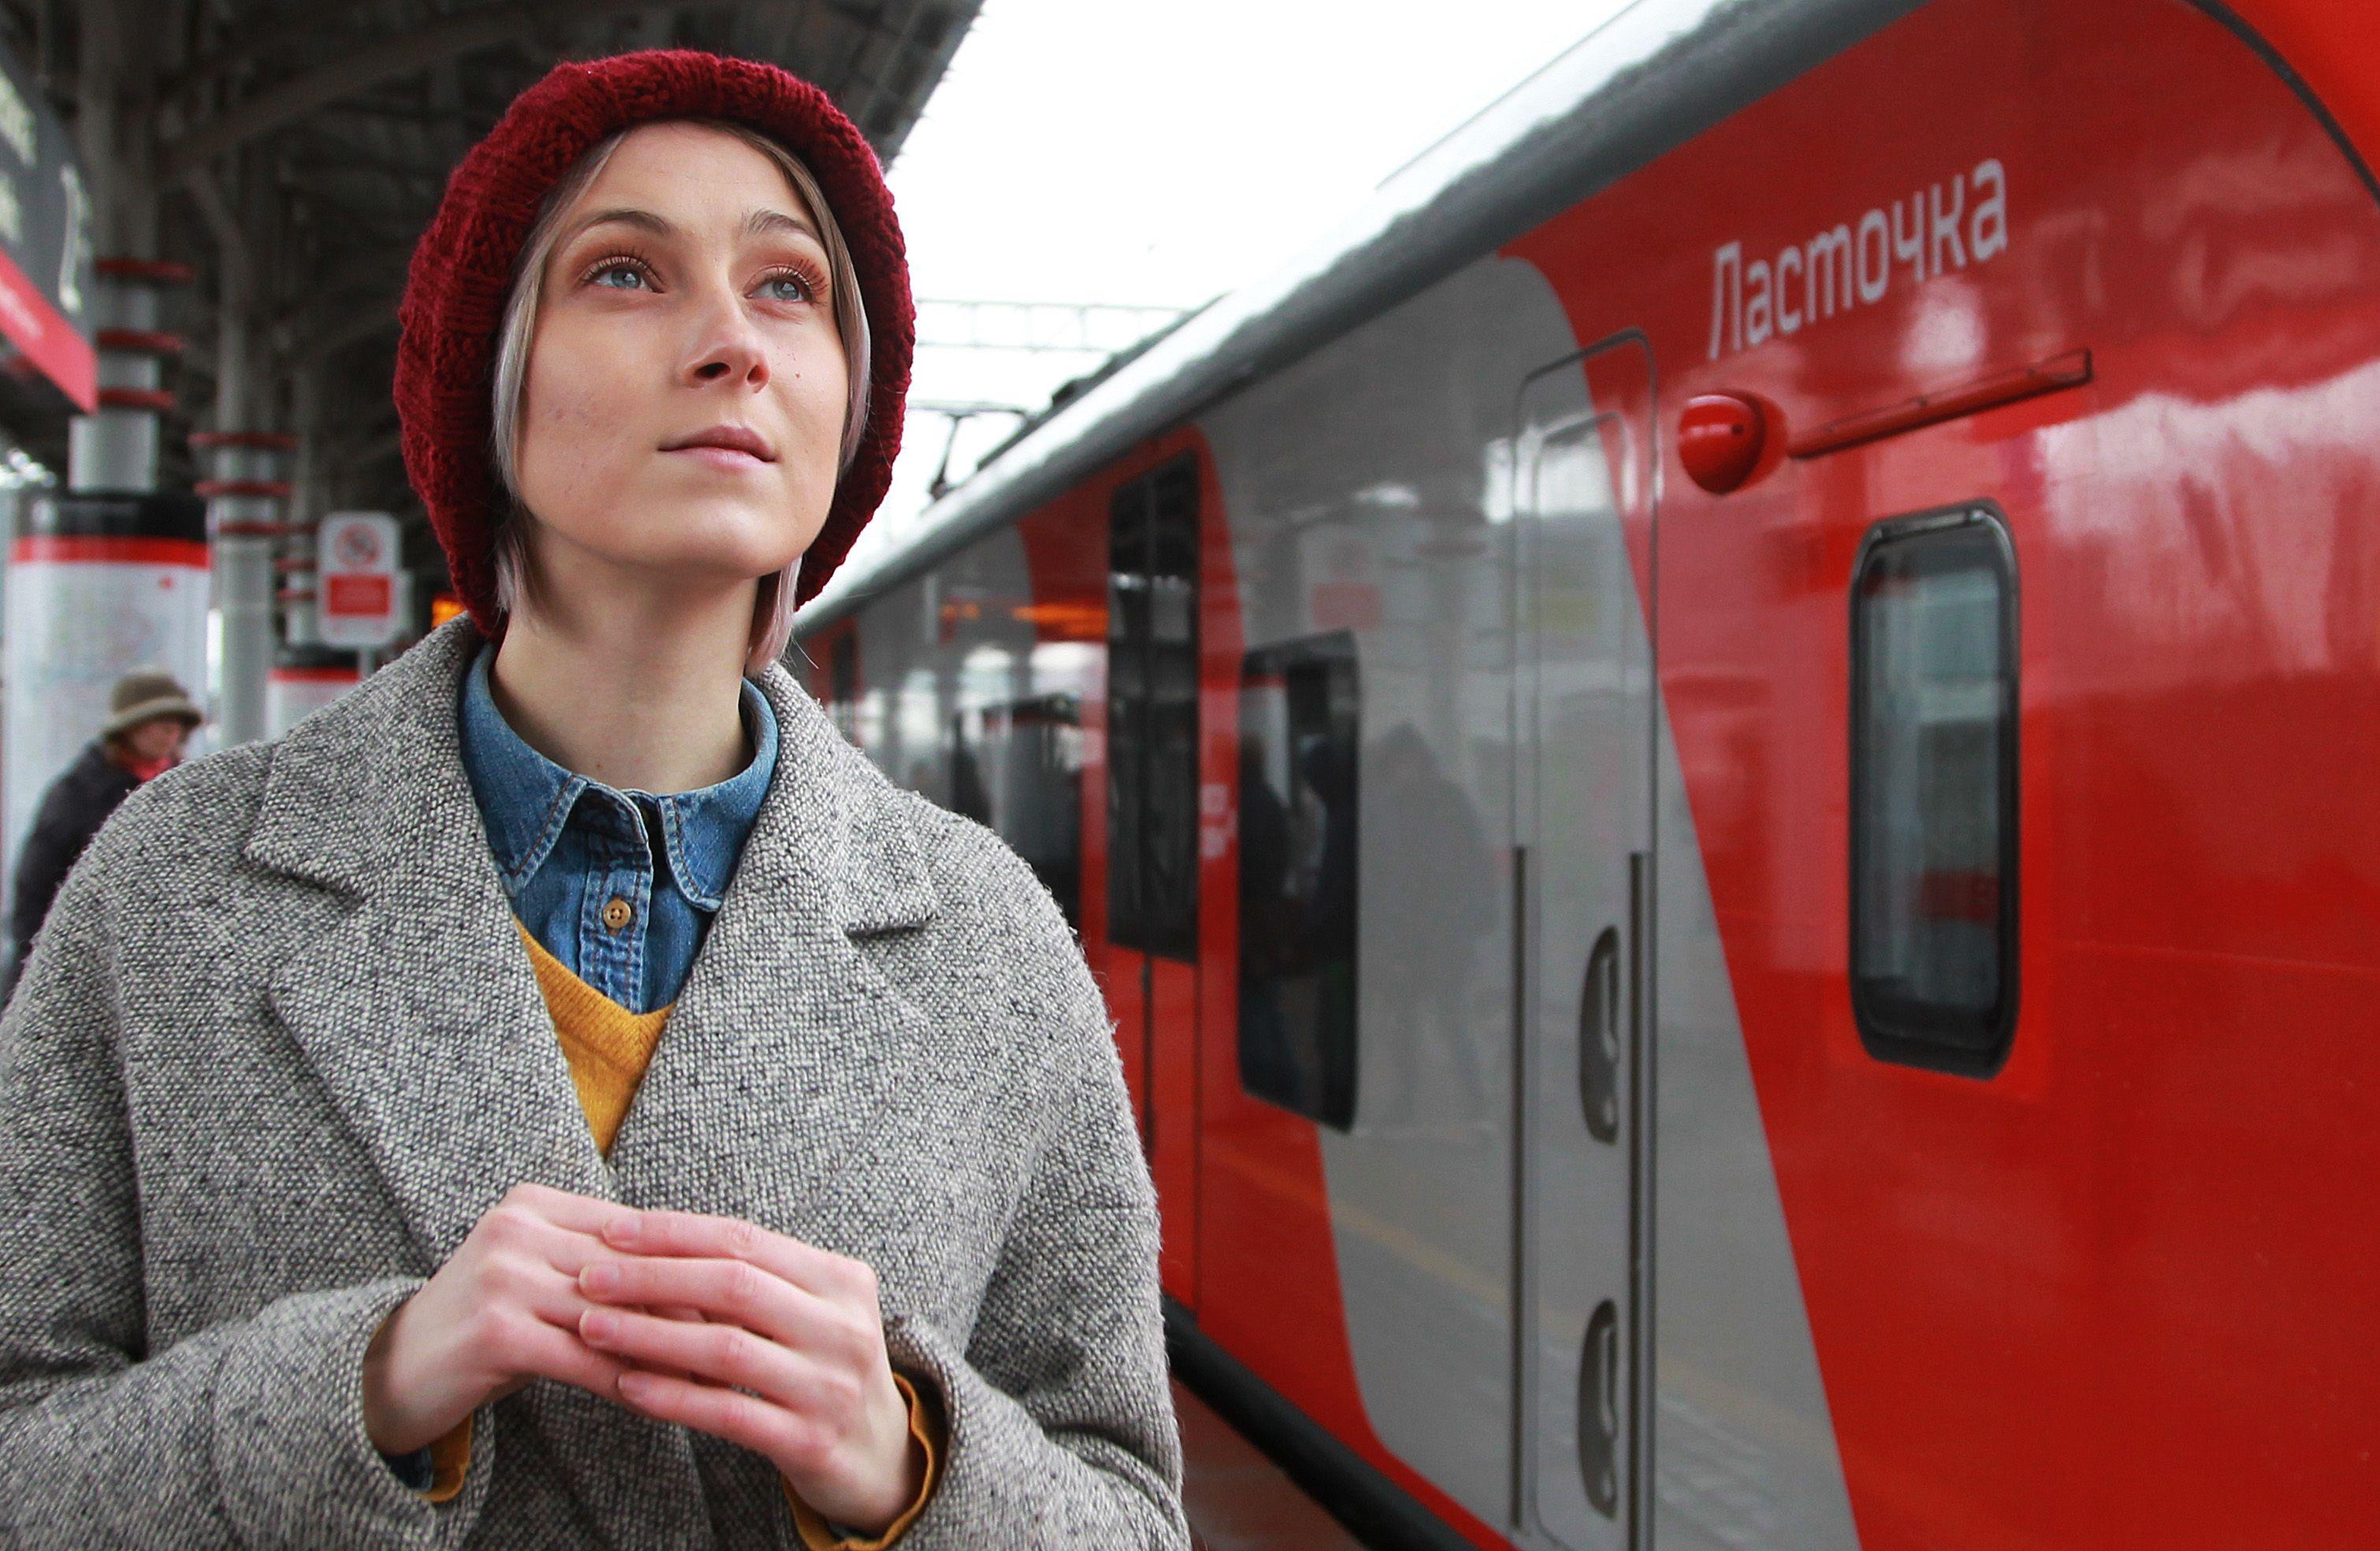 Еще три скоростные «Ласточки» запустят между Москвой и Зеленоградом